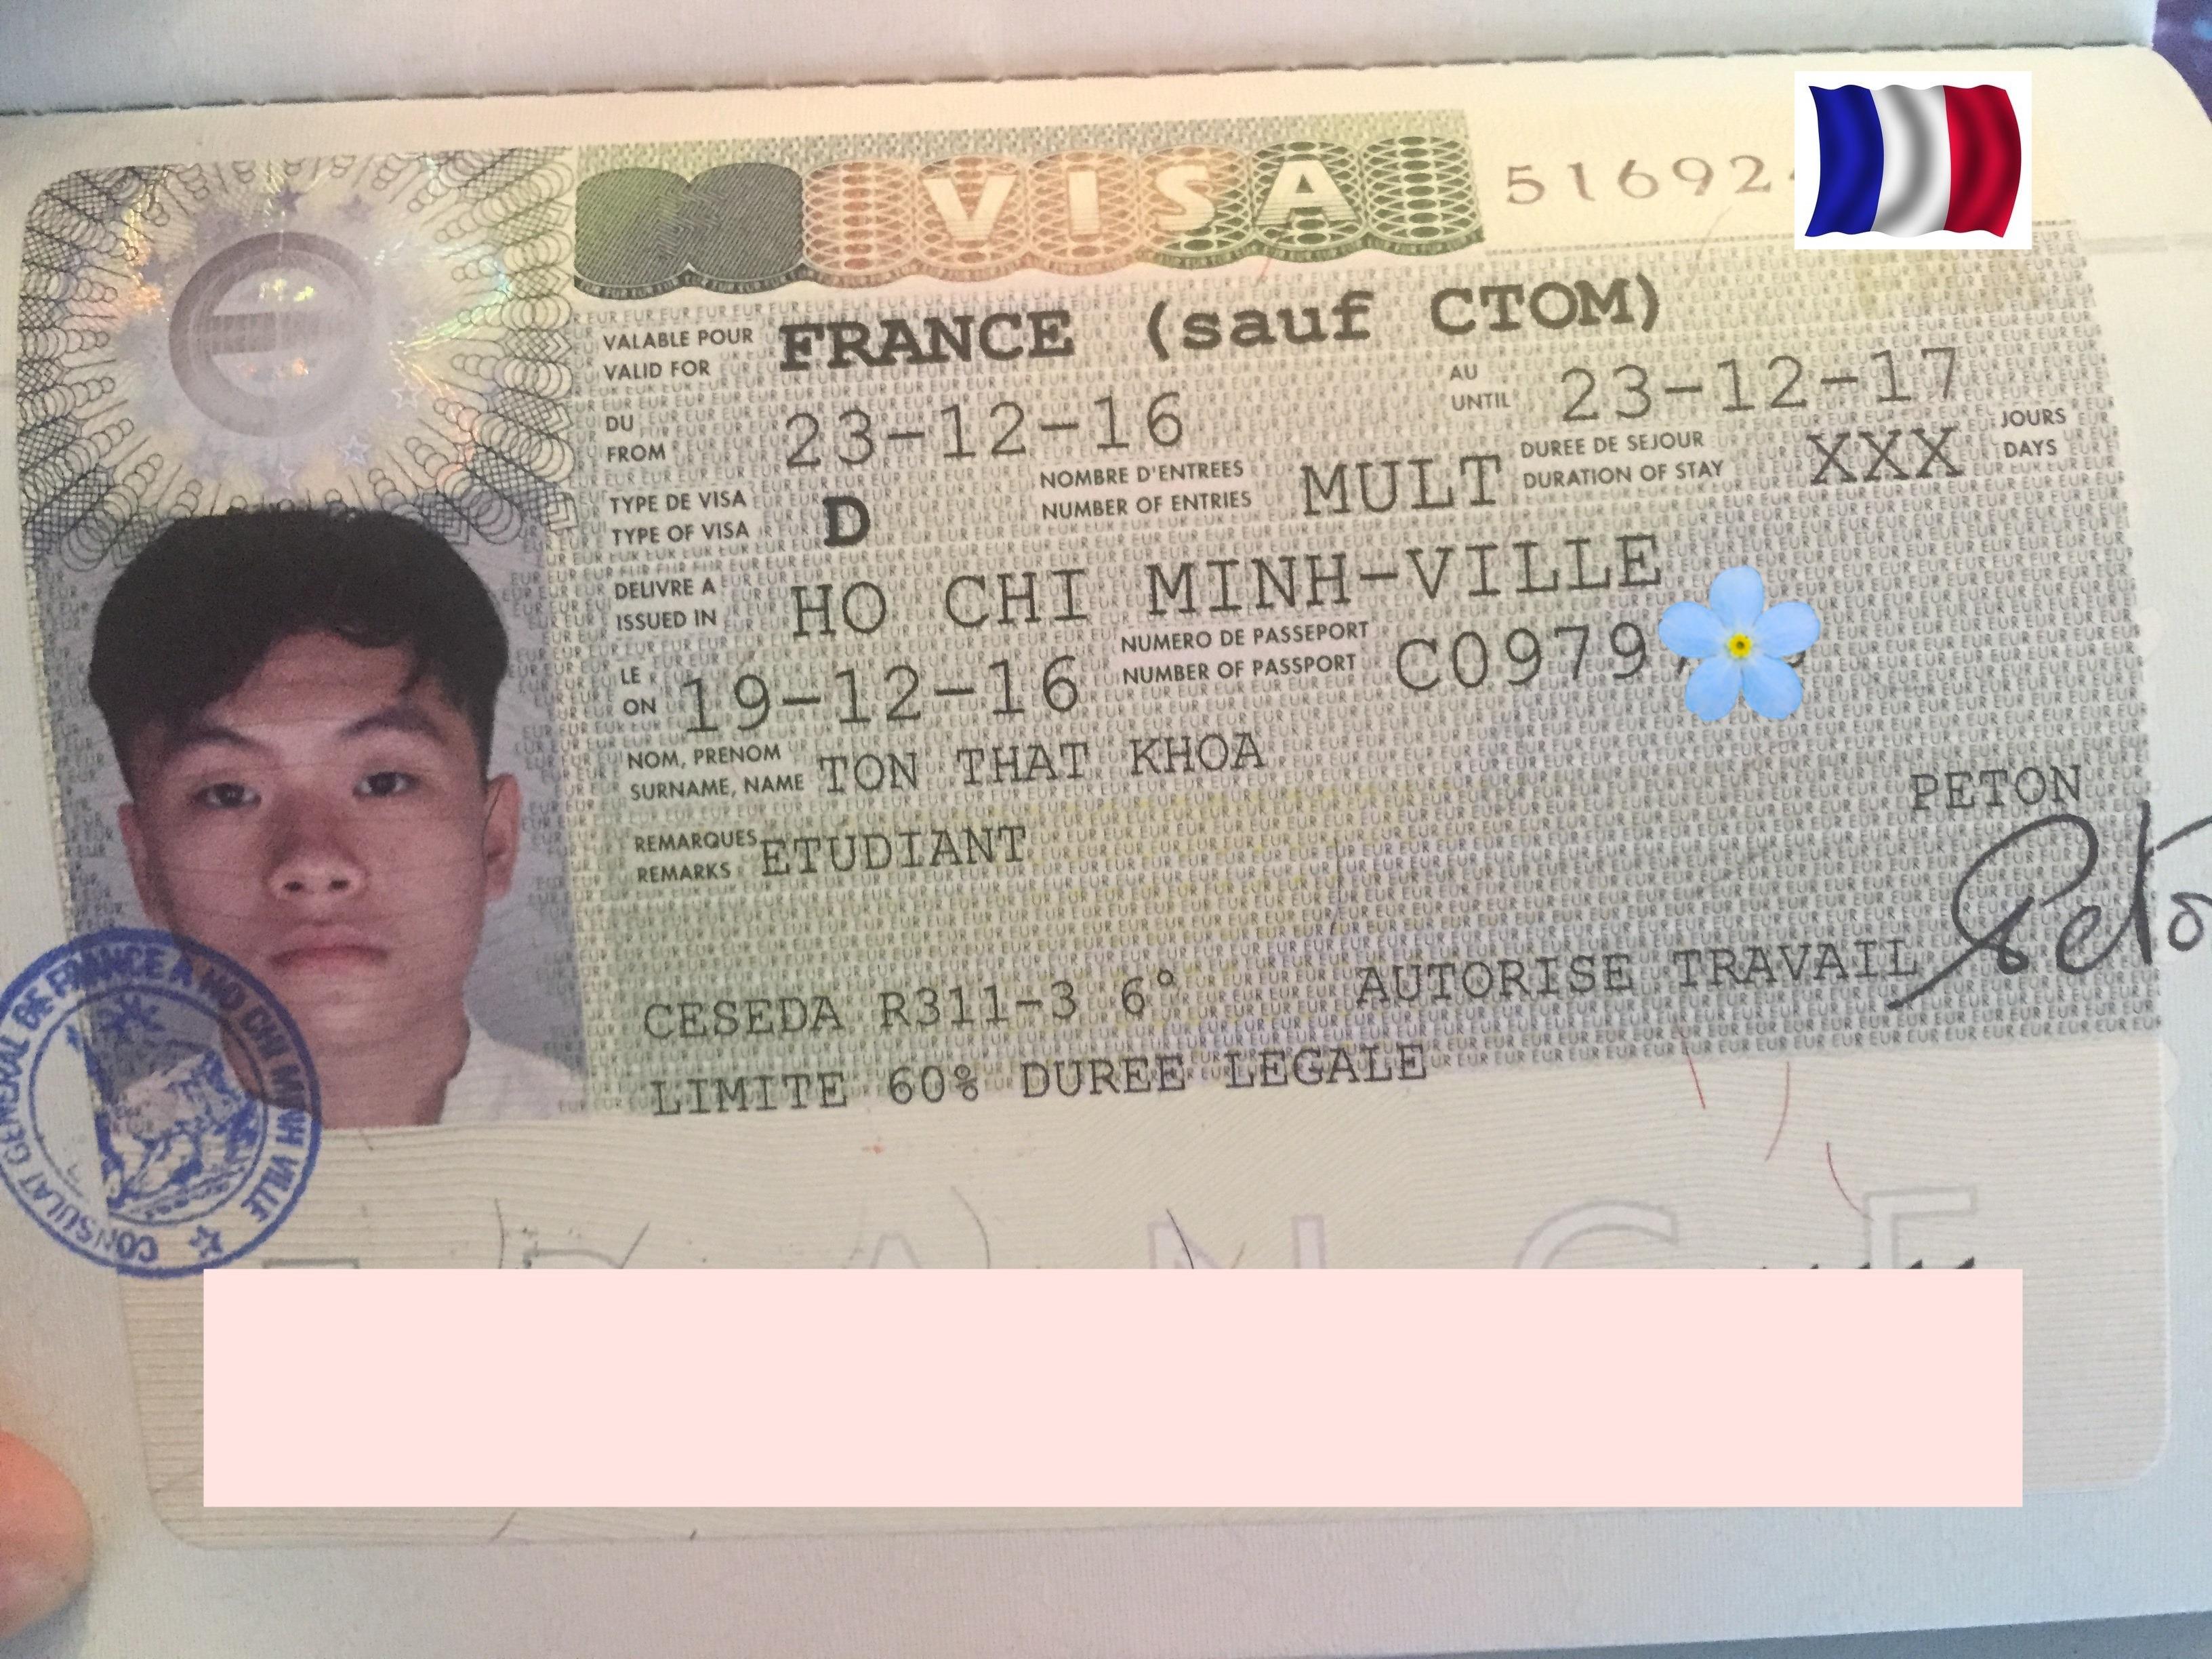 Chúc mừng bạn Tôn Thất Khoa nhận được visa du học Pháp